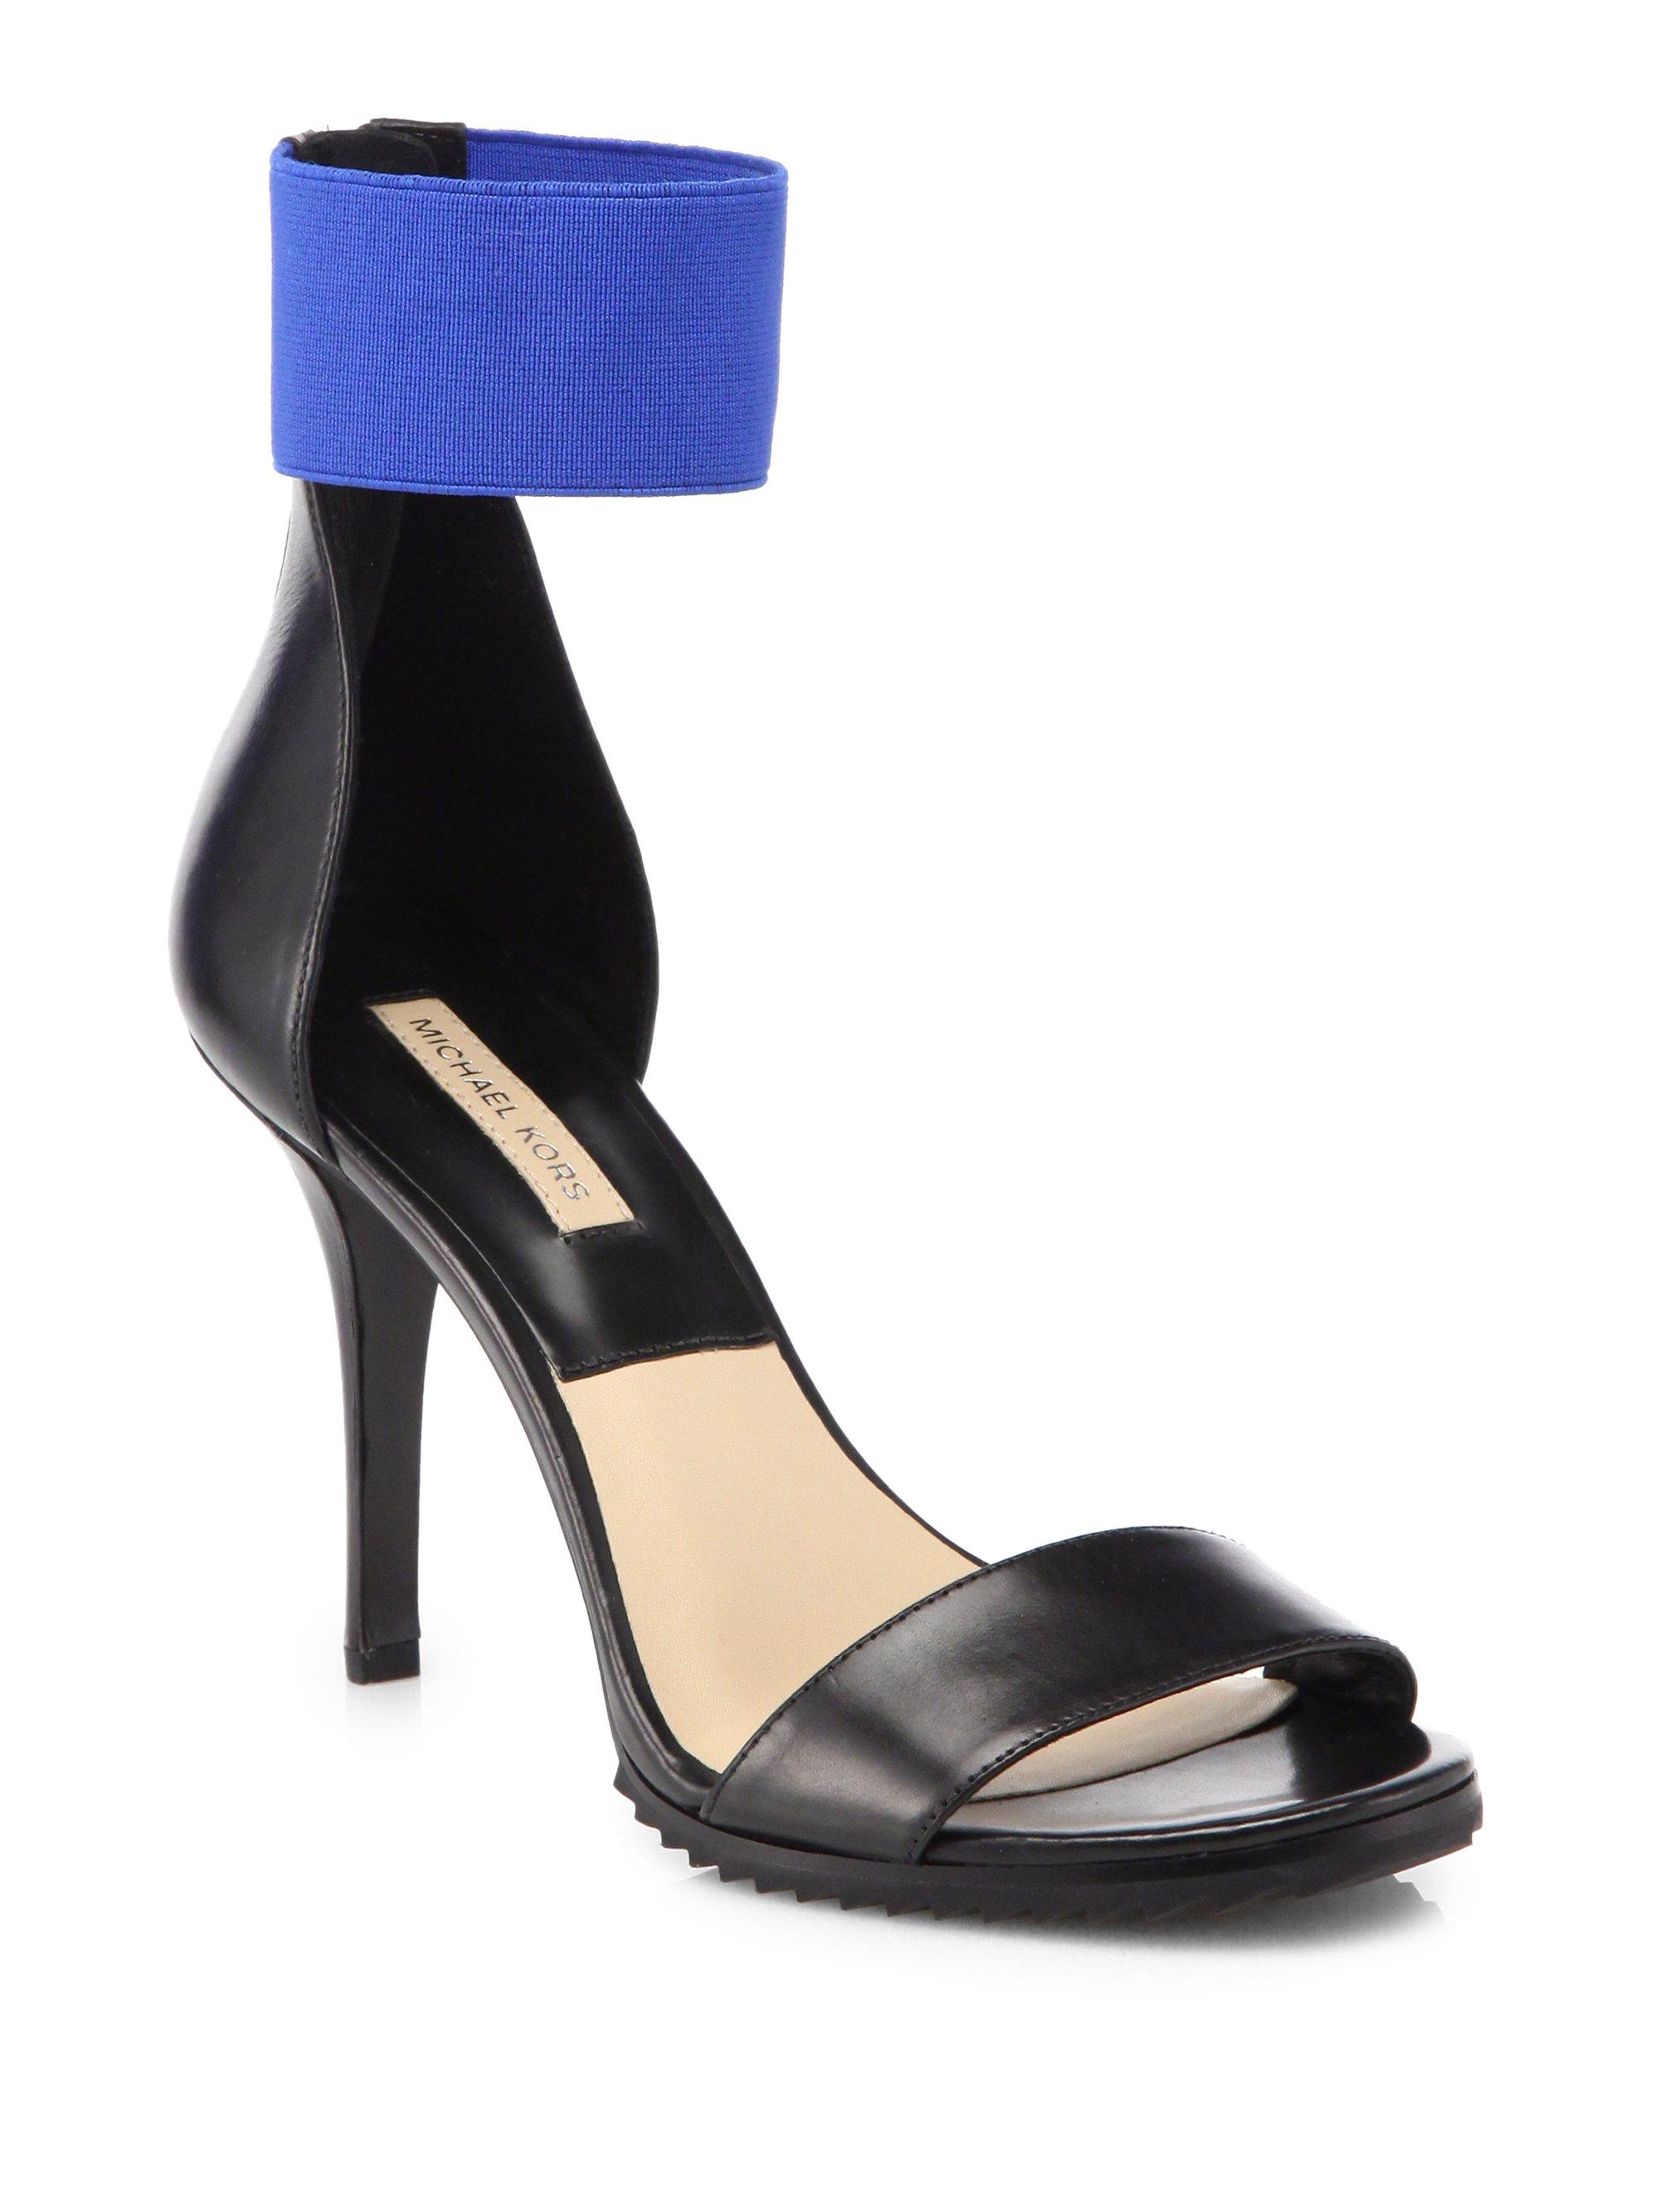 Michael Kors Barbara Runway Leather